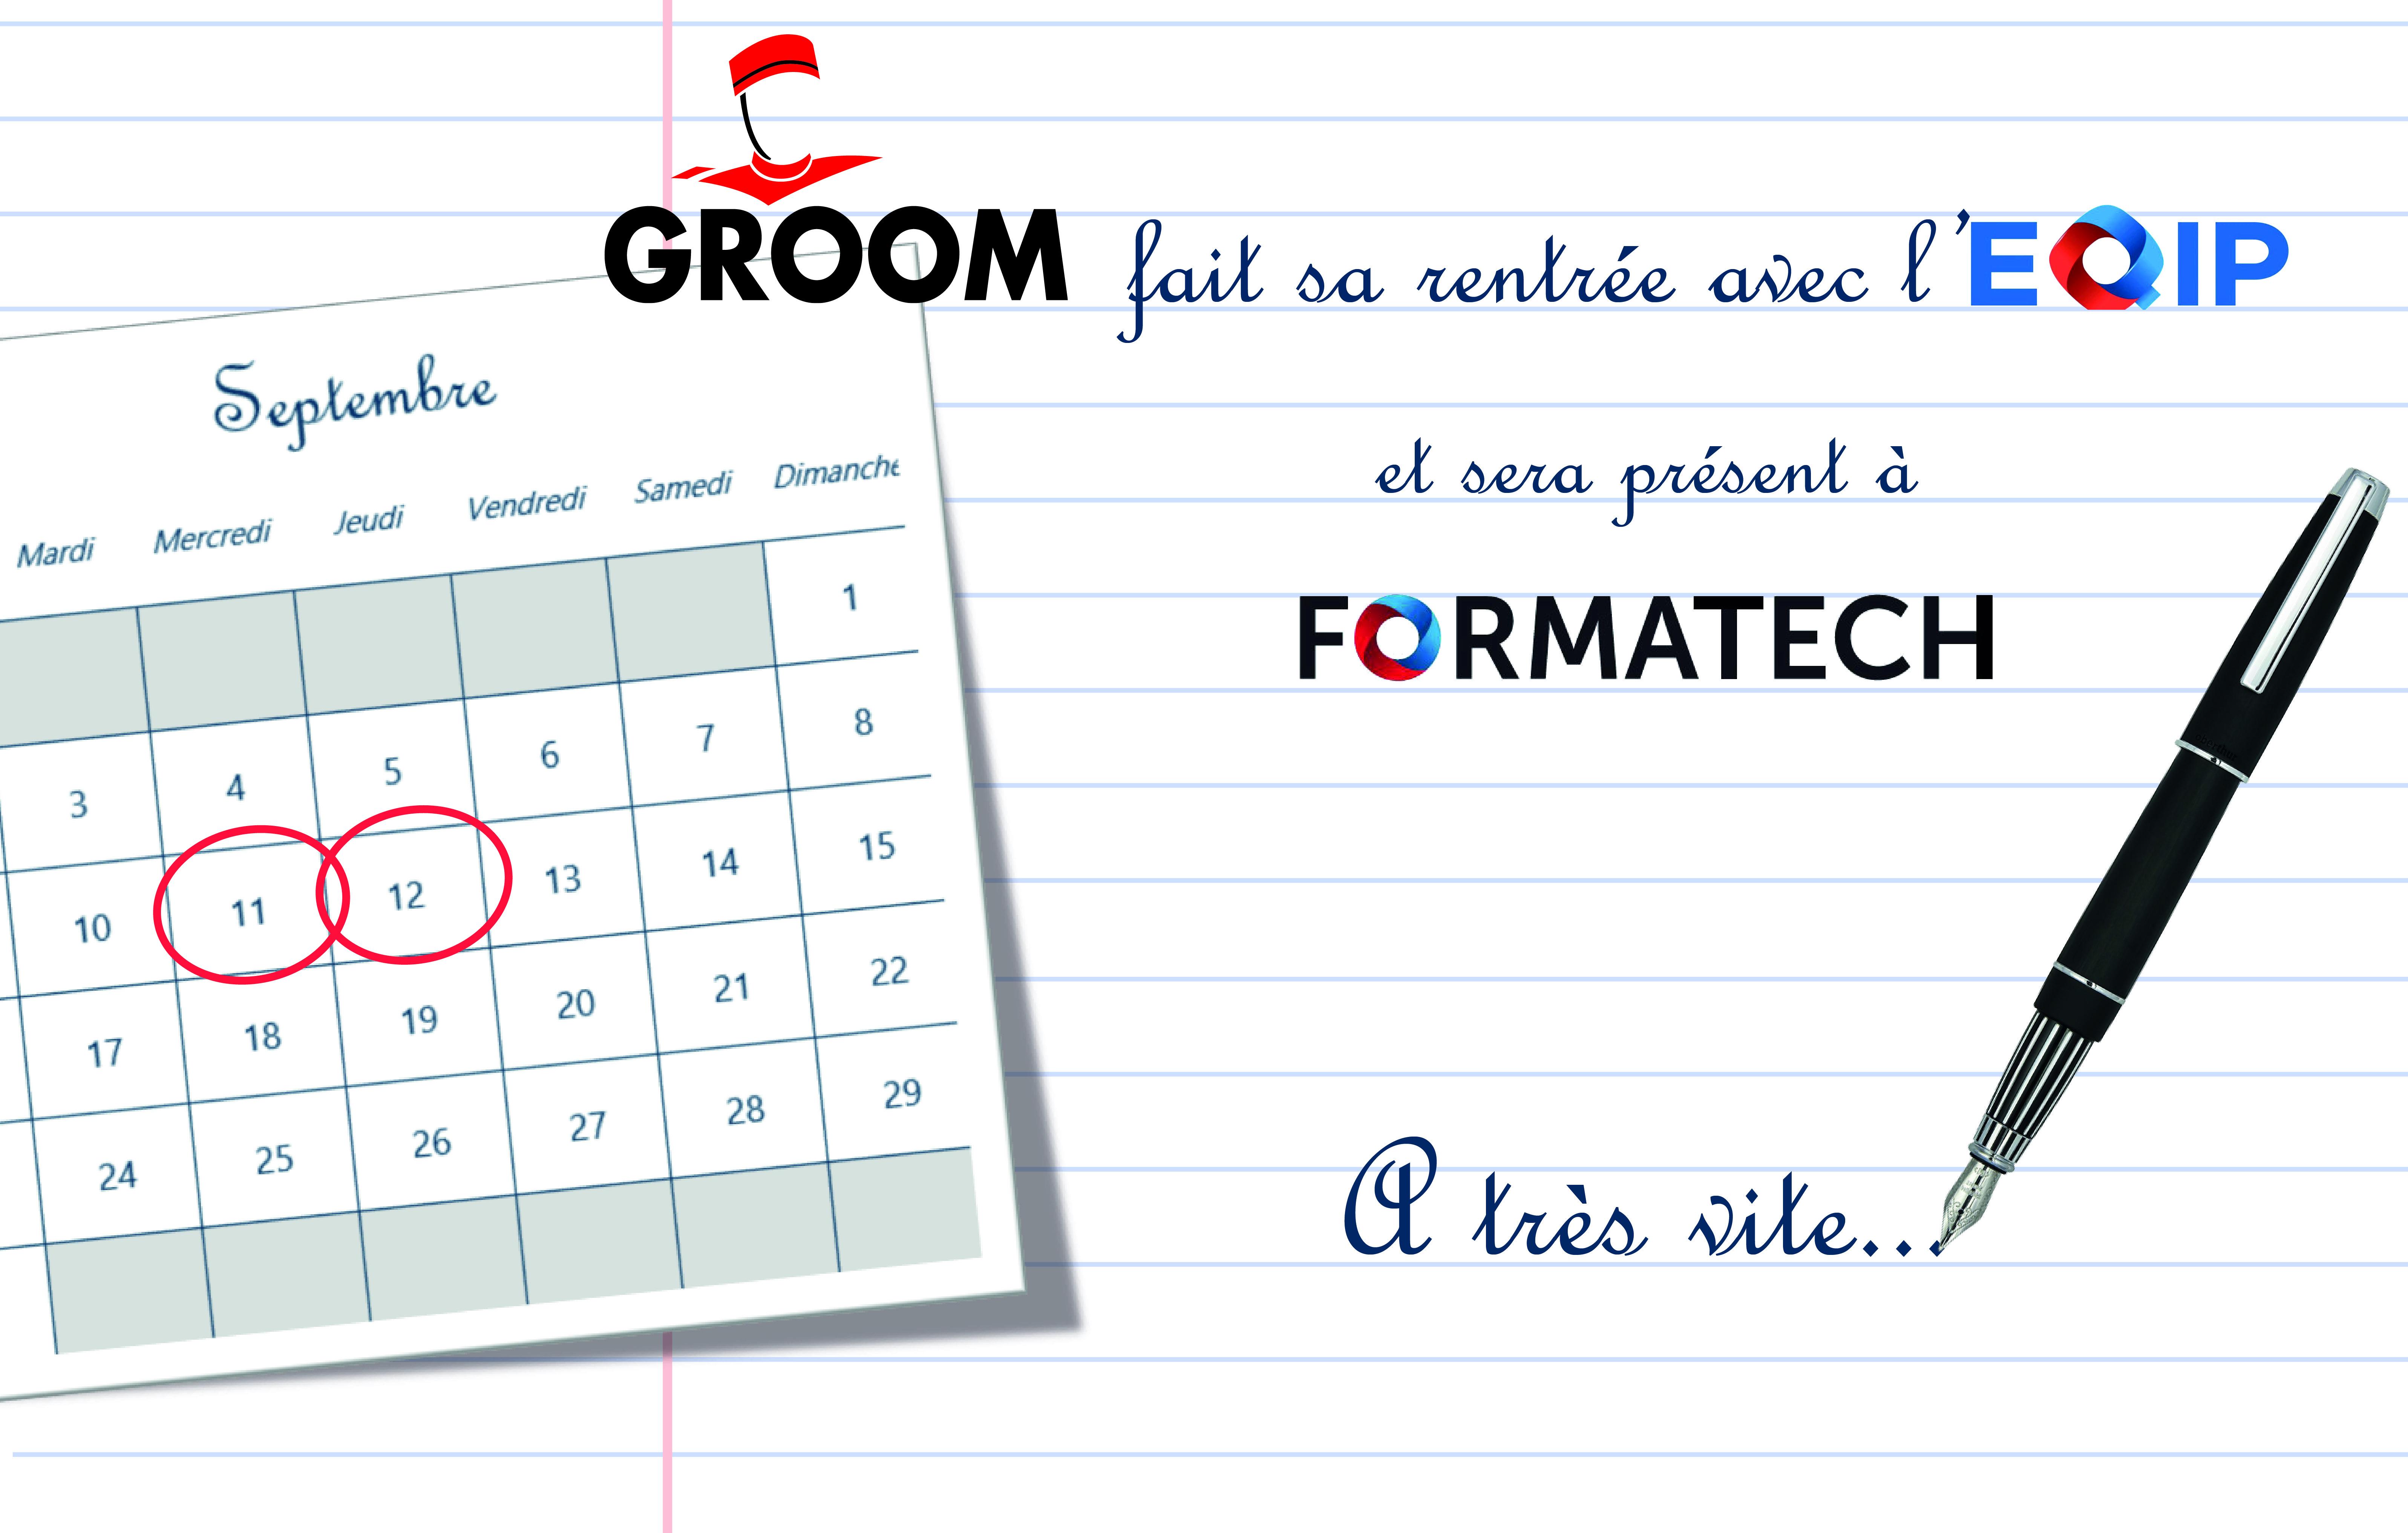 rentrée_groom_formatech_2019